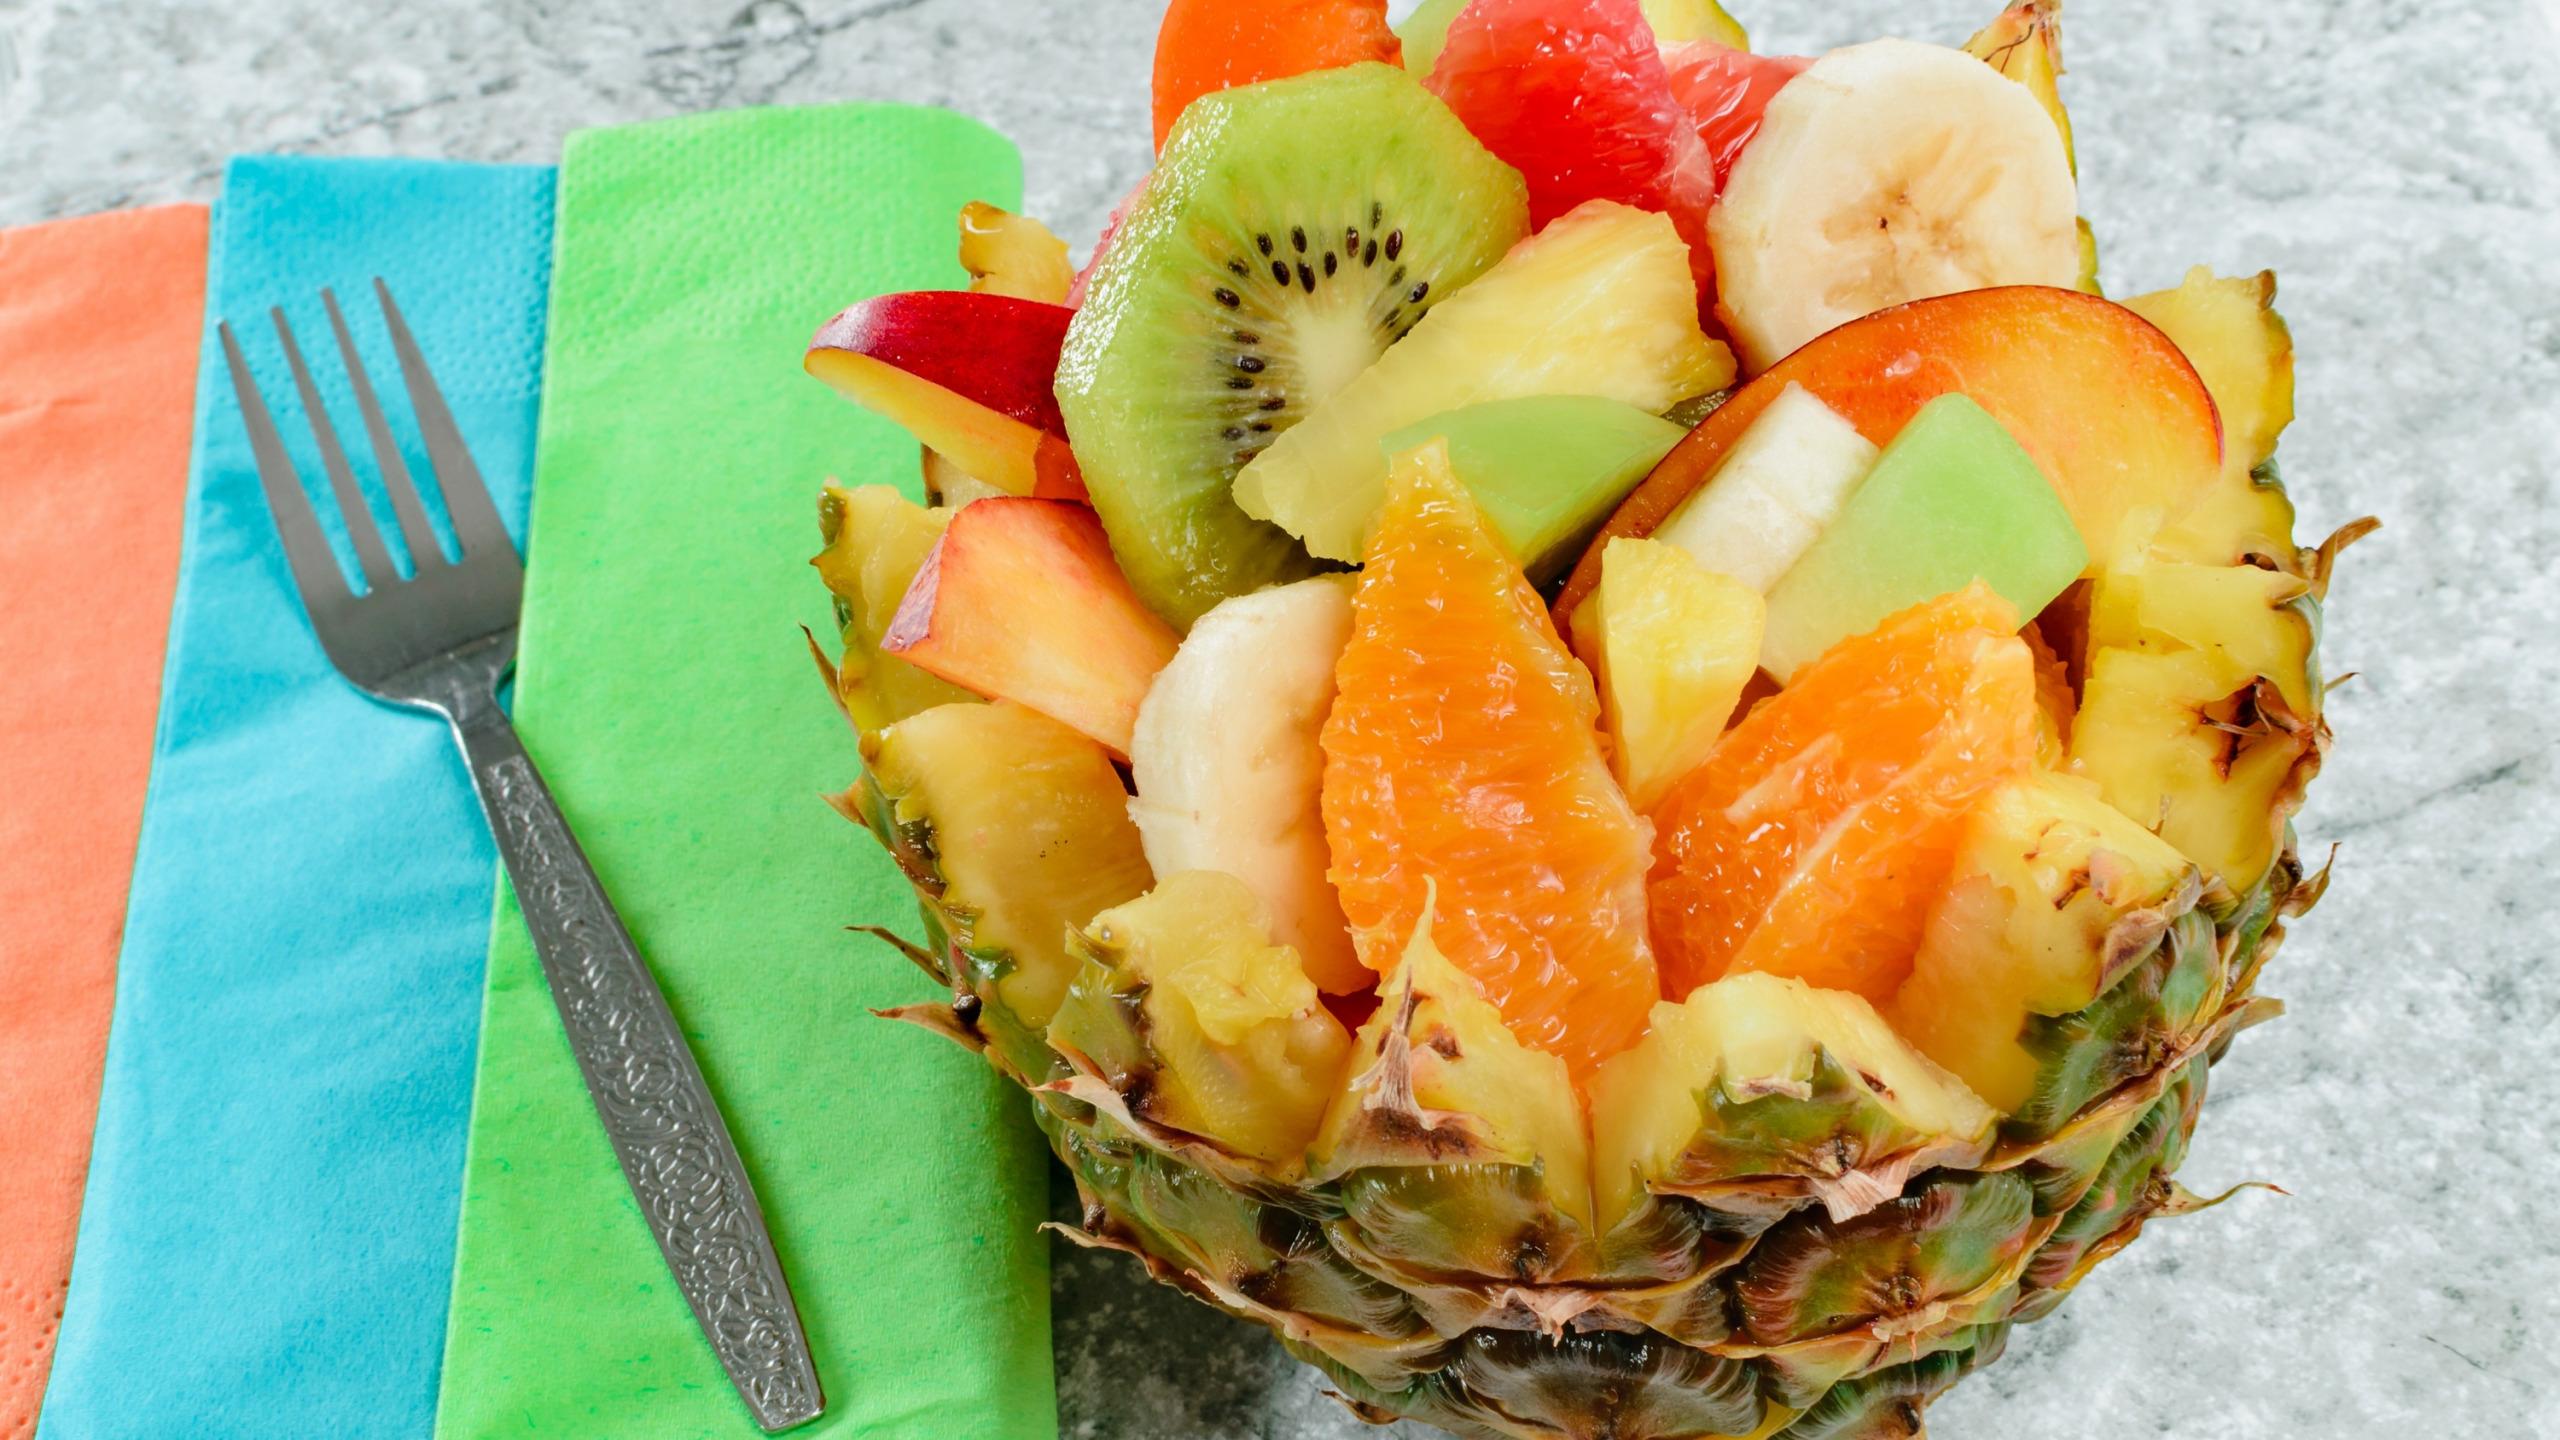 яблоки и ананасы картинки же, что живого